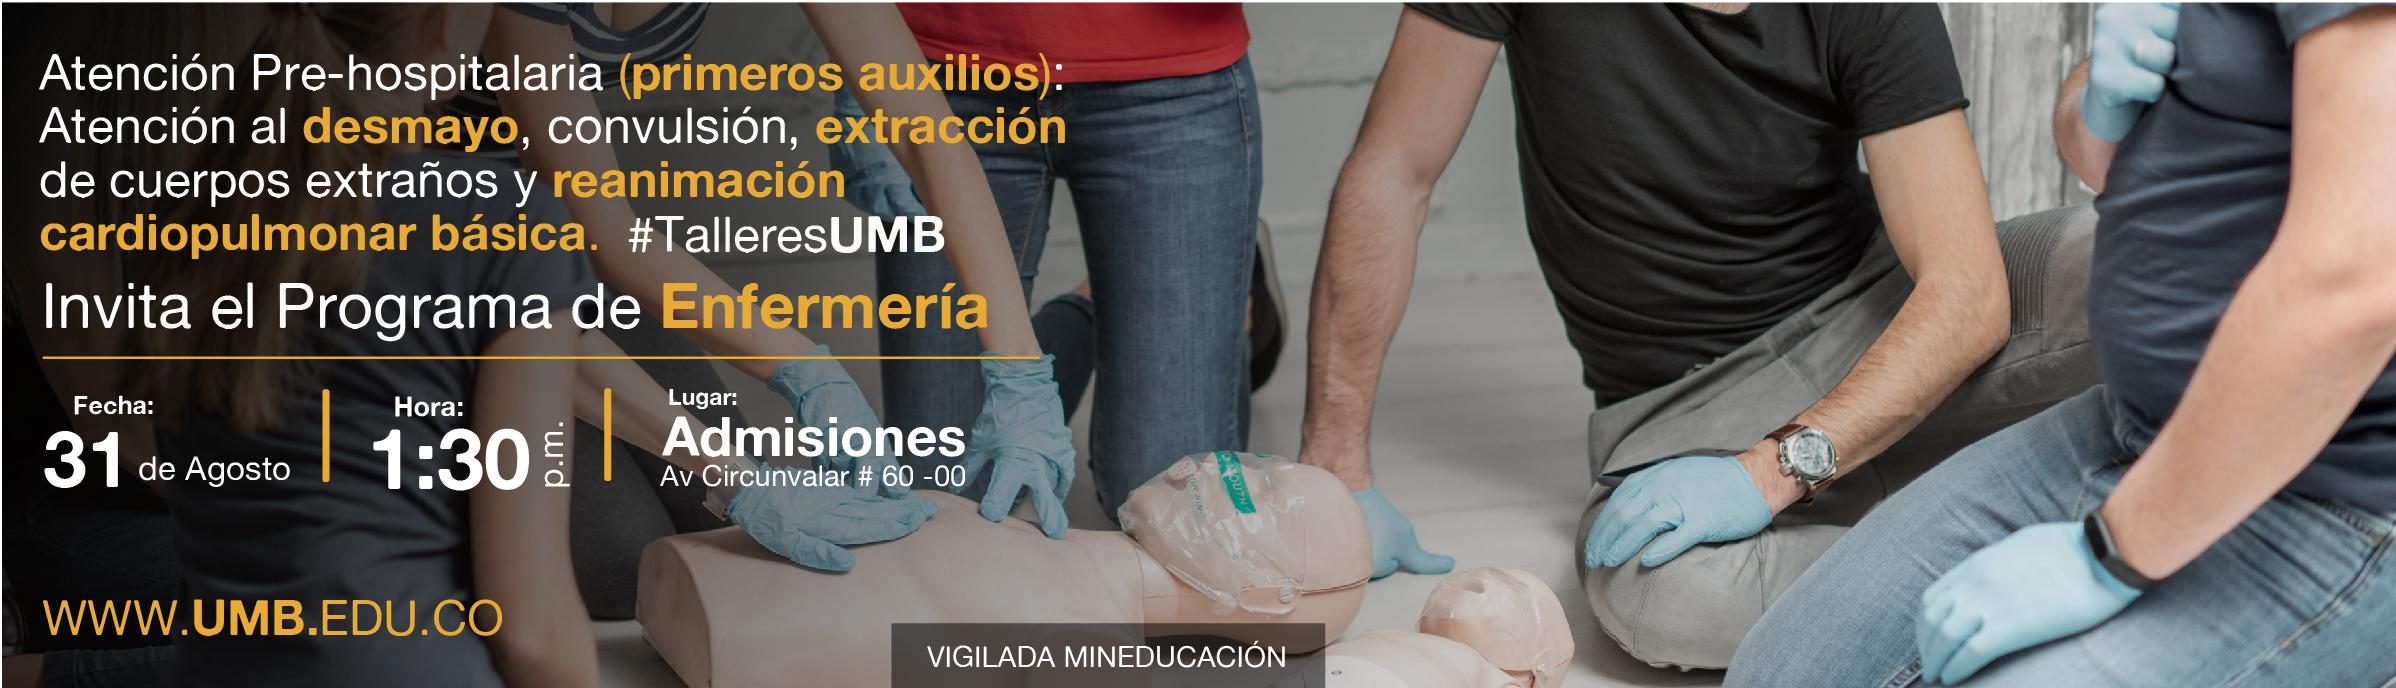 Primeros-auxilios_bogota-2-2